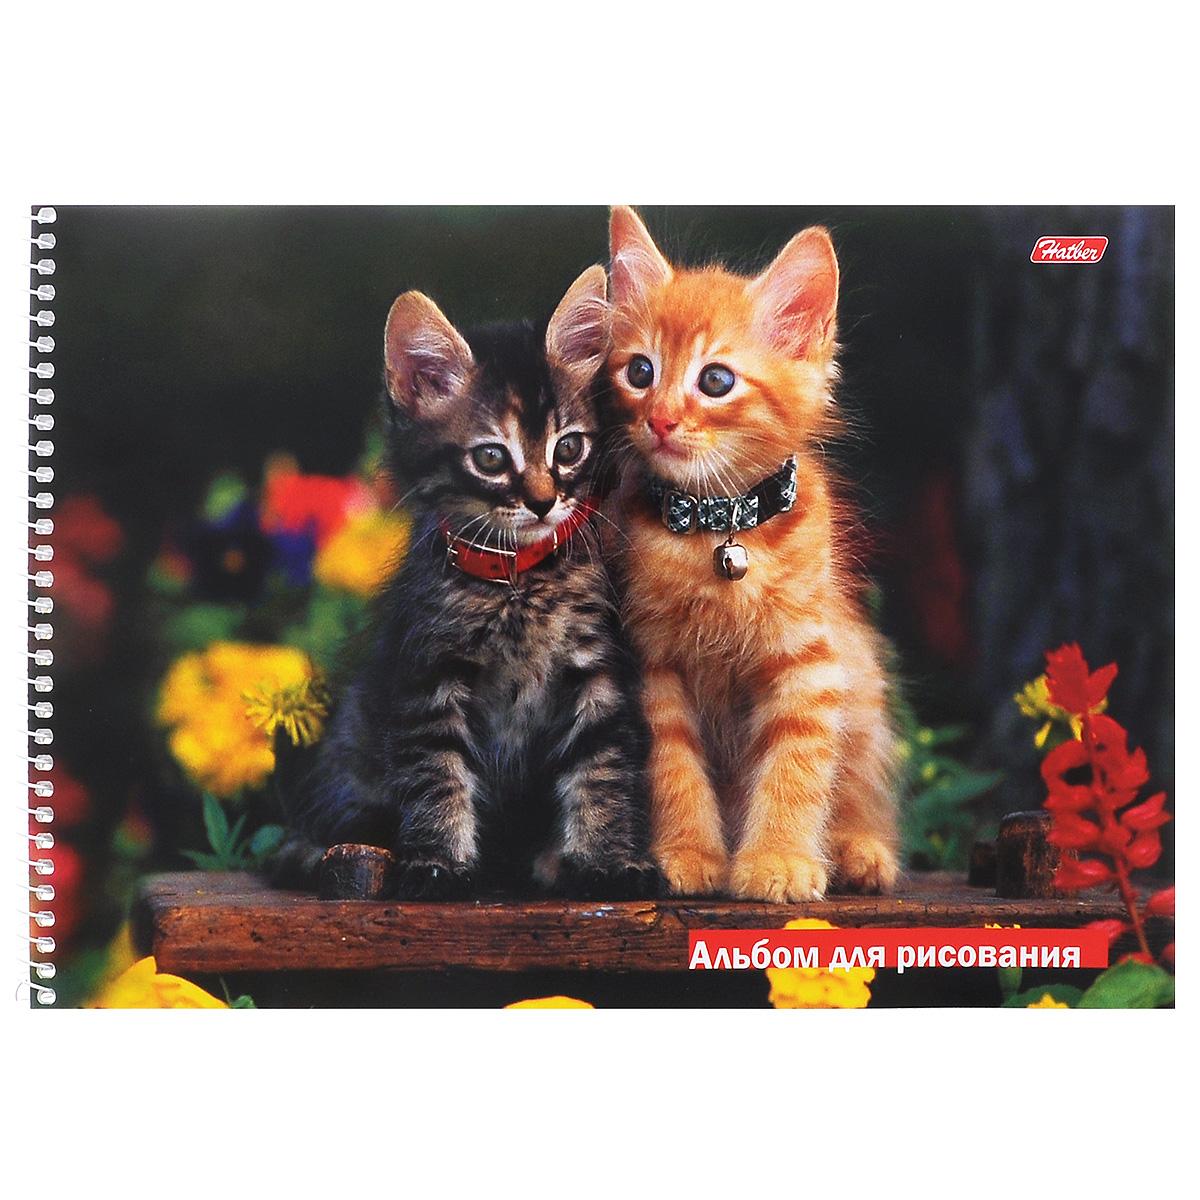 Hatber Альбом для рисования Зверье мое: Котята, 32 листа. 32А4Bсп_0842302656Альбом для рисования на боковой спирали Hatber Зверье мое: Котята непременно порадует маленького художника и вдохновит его на творчество.Альбом изготовлен из белоснежной офсетной бумаги с яркой обложкой из мелованного картона, оформленной изображением двух очаровательных котят. Внутренний блок альбома состоит из 32 листов бумаги, которые снабжены микроперфорацией и являются отрывными.Высокое качество бумаги позволяет рисовать в альбоме карандашами, фломастерами, акварельными и гуашевыми красками.Рекомендуемый возраст: 0+.